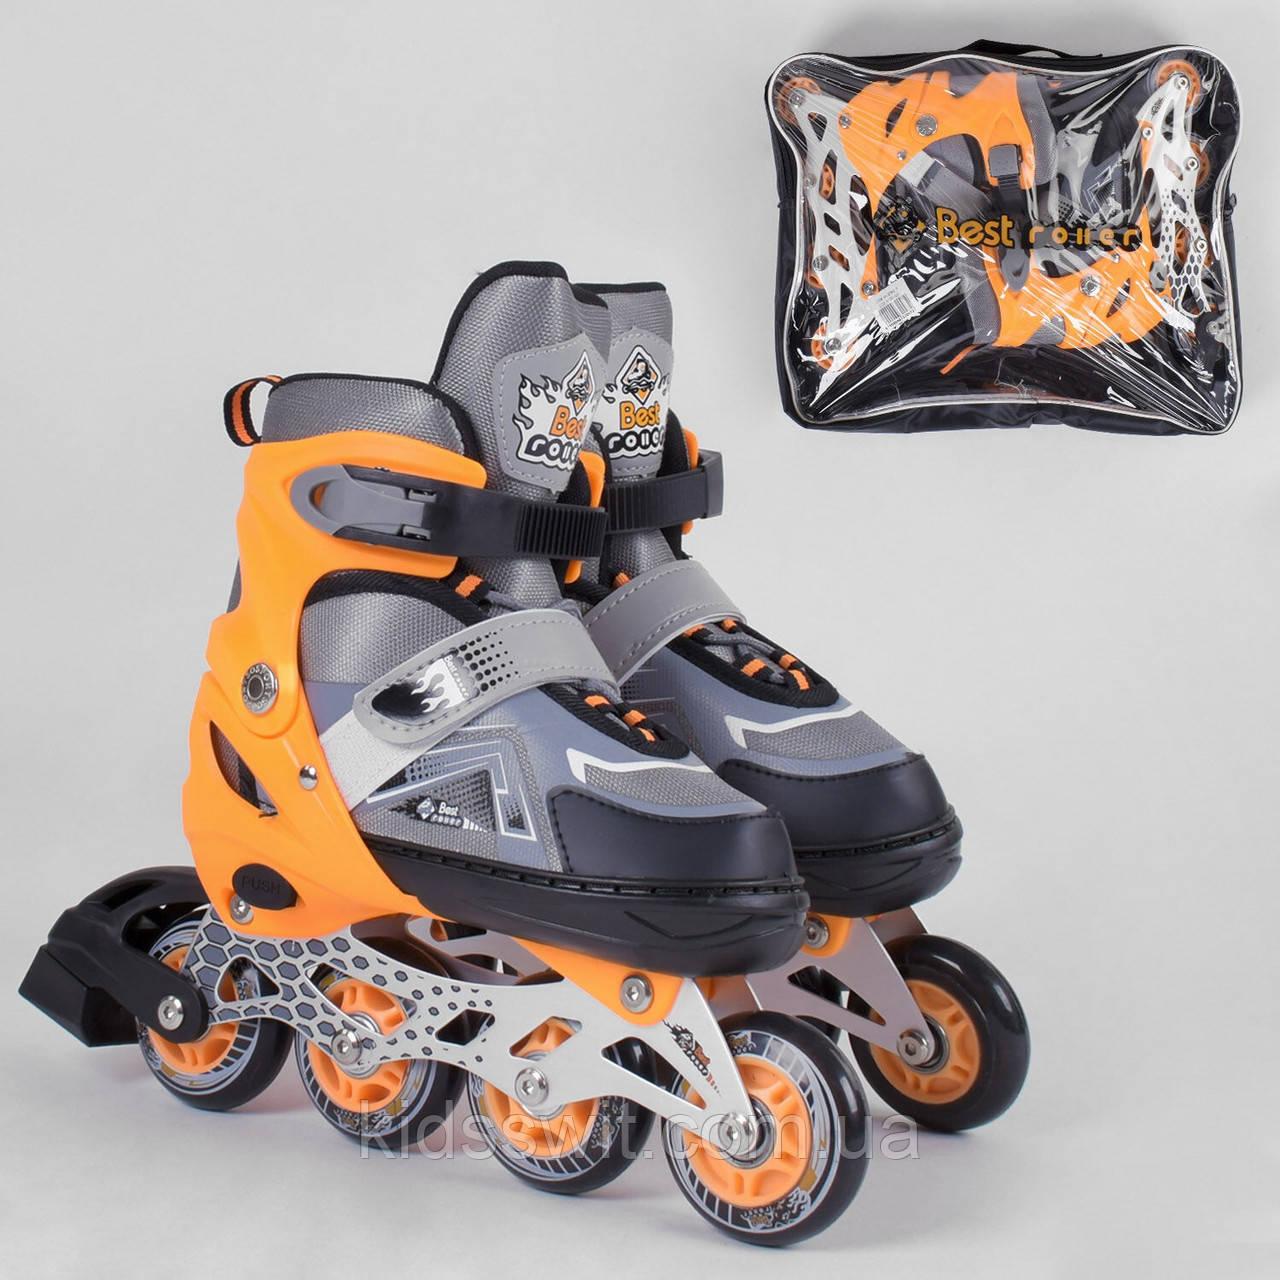 Ролики Best Roller /размер 30-33/ цвет -оранжевый колёса PU, переднее колесо свет, в сумке, 6360-S